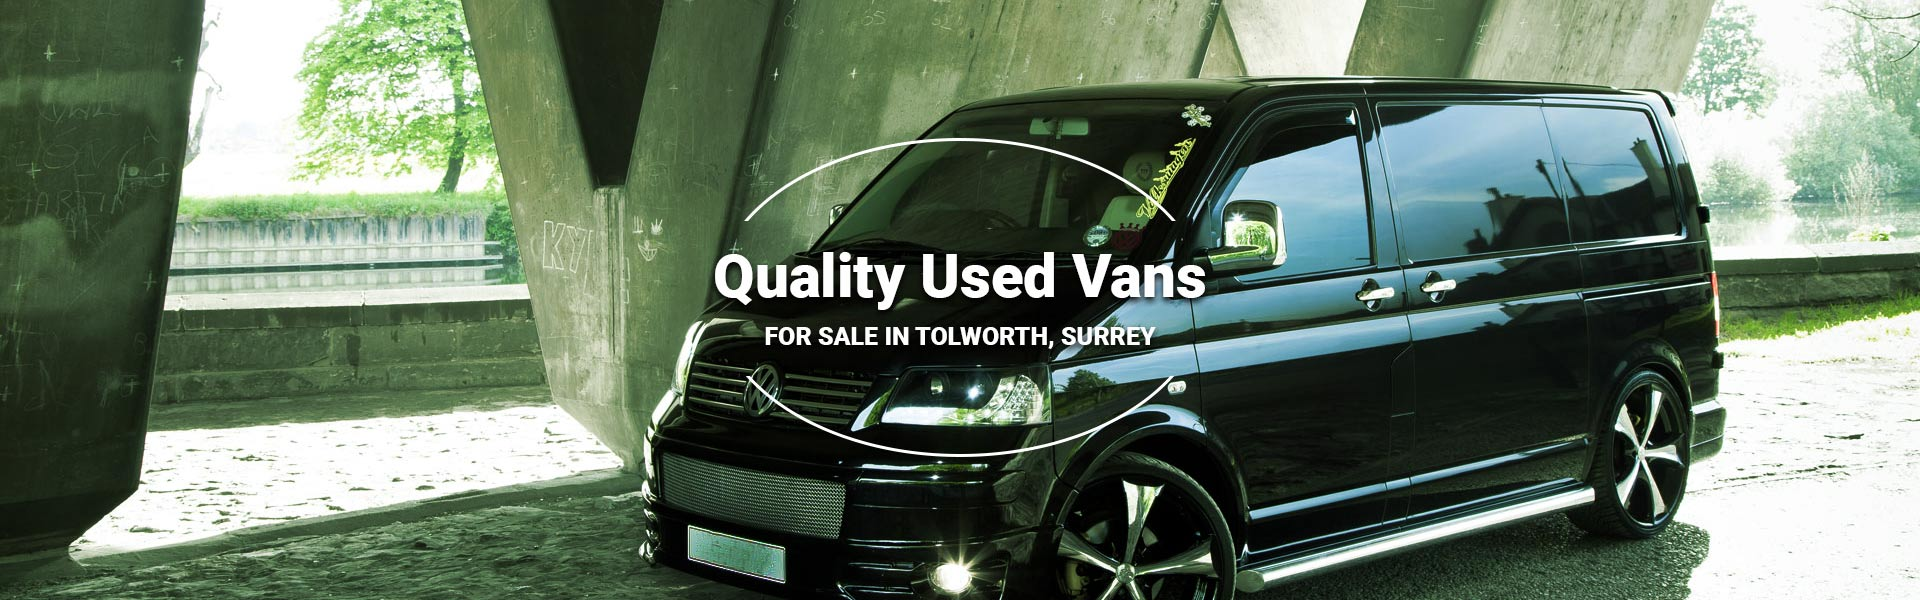 c986838132 Grayswood Van Sales